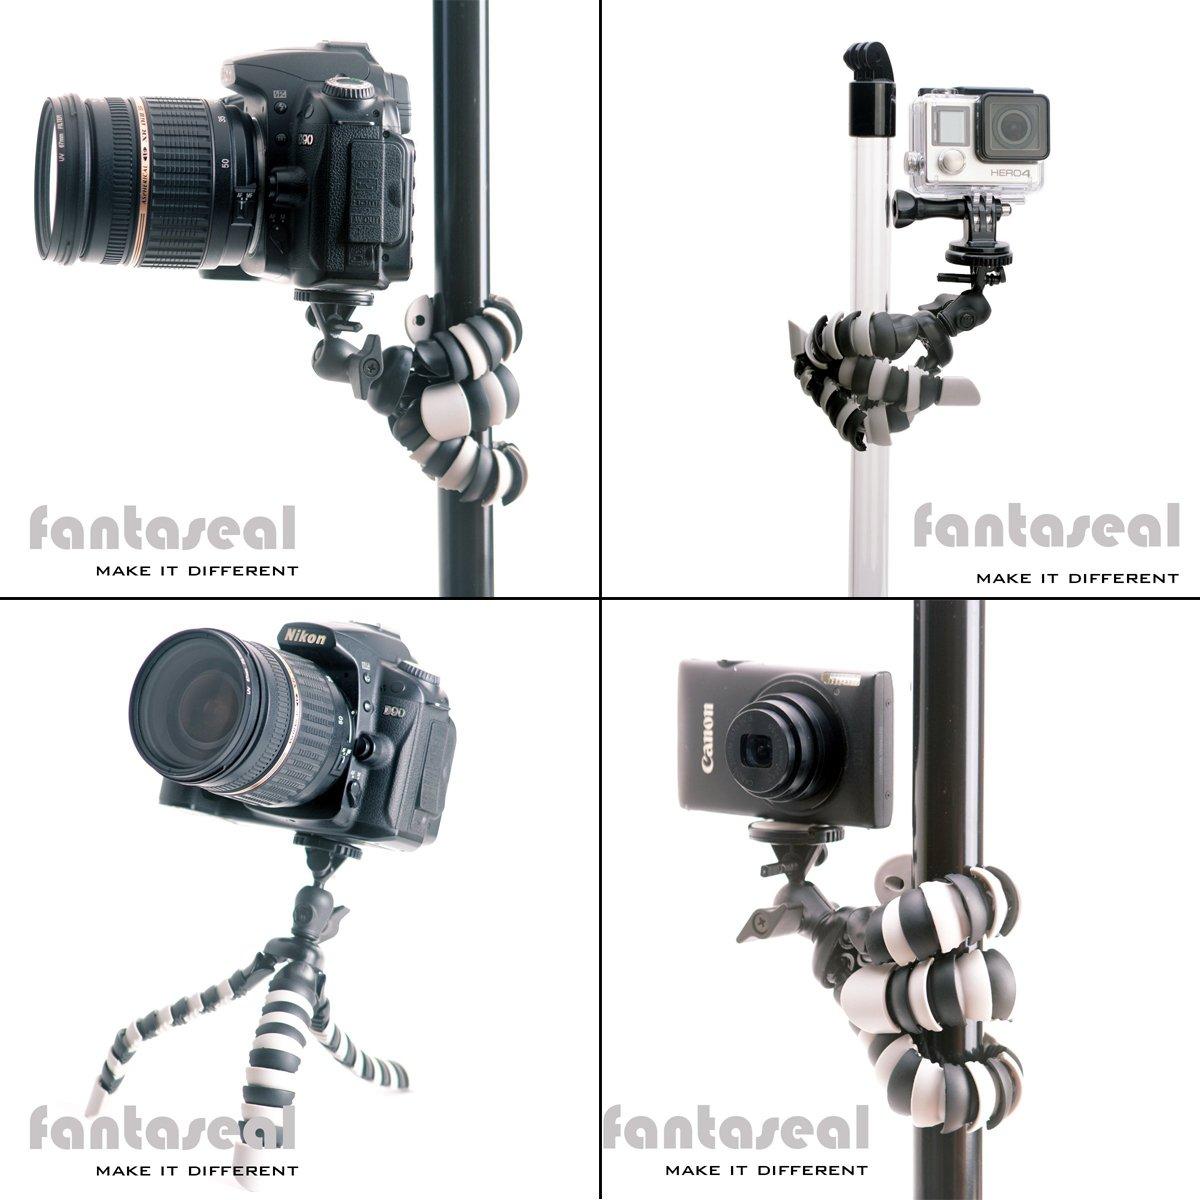 Pentax Sony m/&aacut Nikon Fantaseal/® Tr/ípode de C/ámara 2-en-1 Mini tr/ípode de Tel/éfono M/óviles y C/ámaras Tr/ípode de Mesa con Clip de tel/éfono para iPhone Samsung HTC LG Huawei XiaoMi Canon